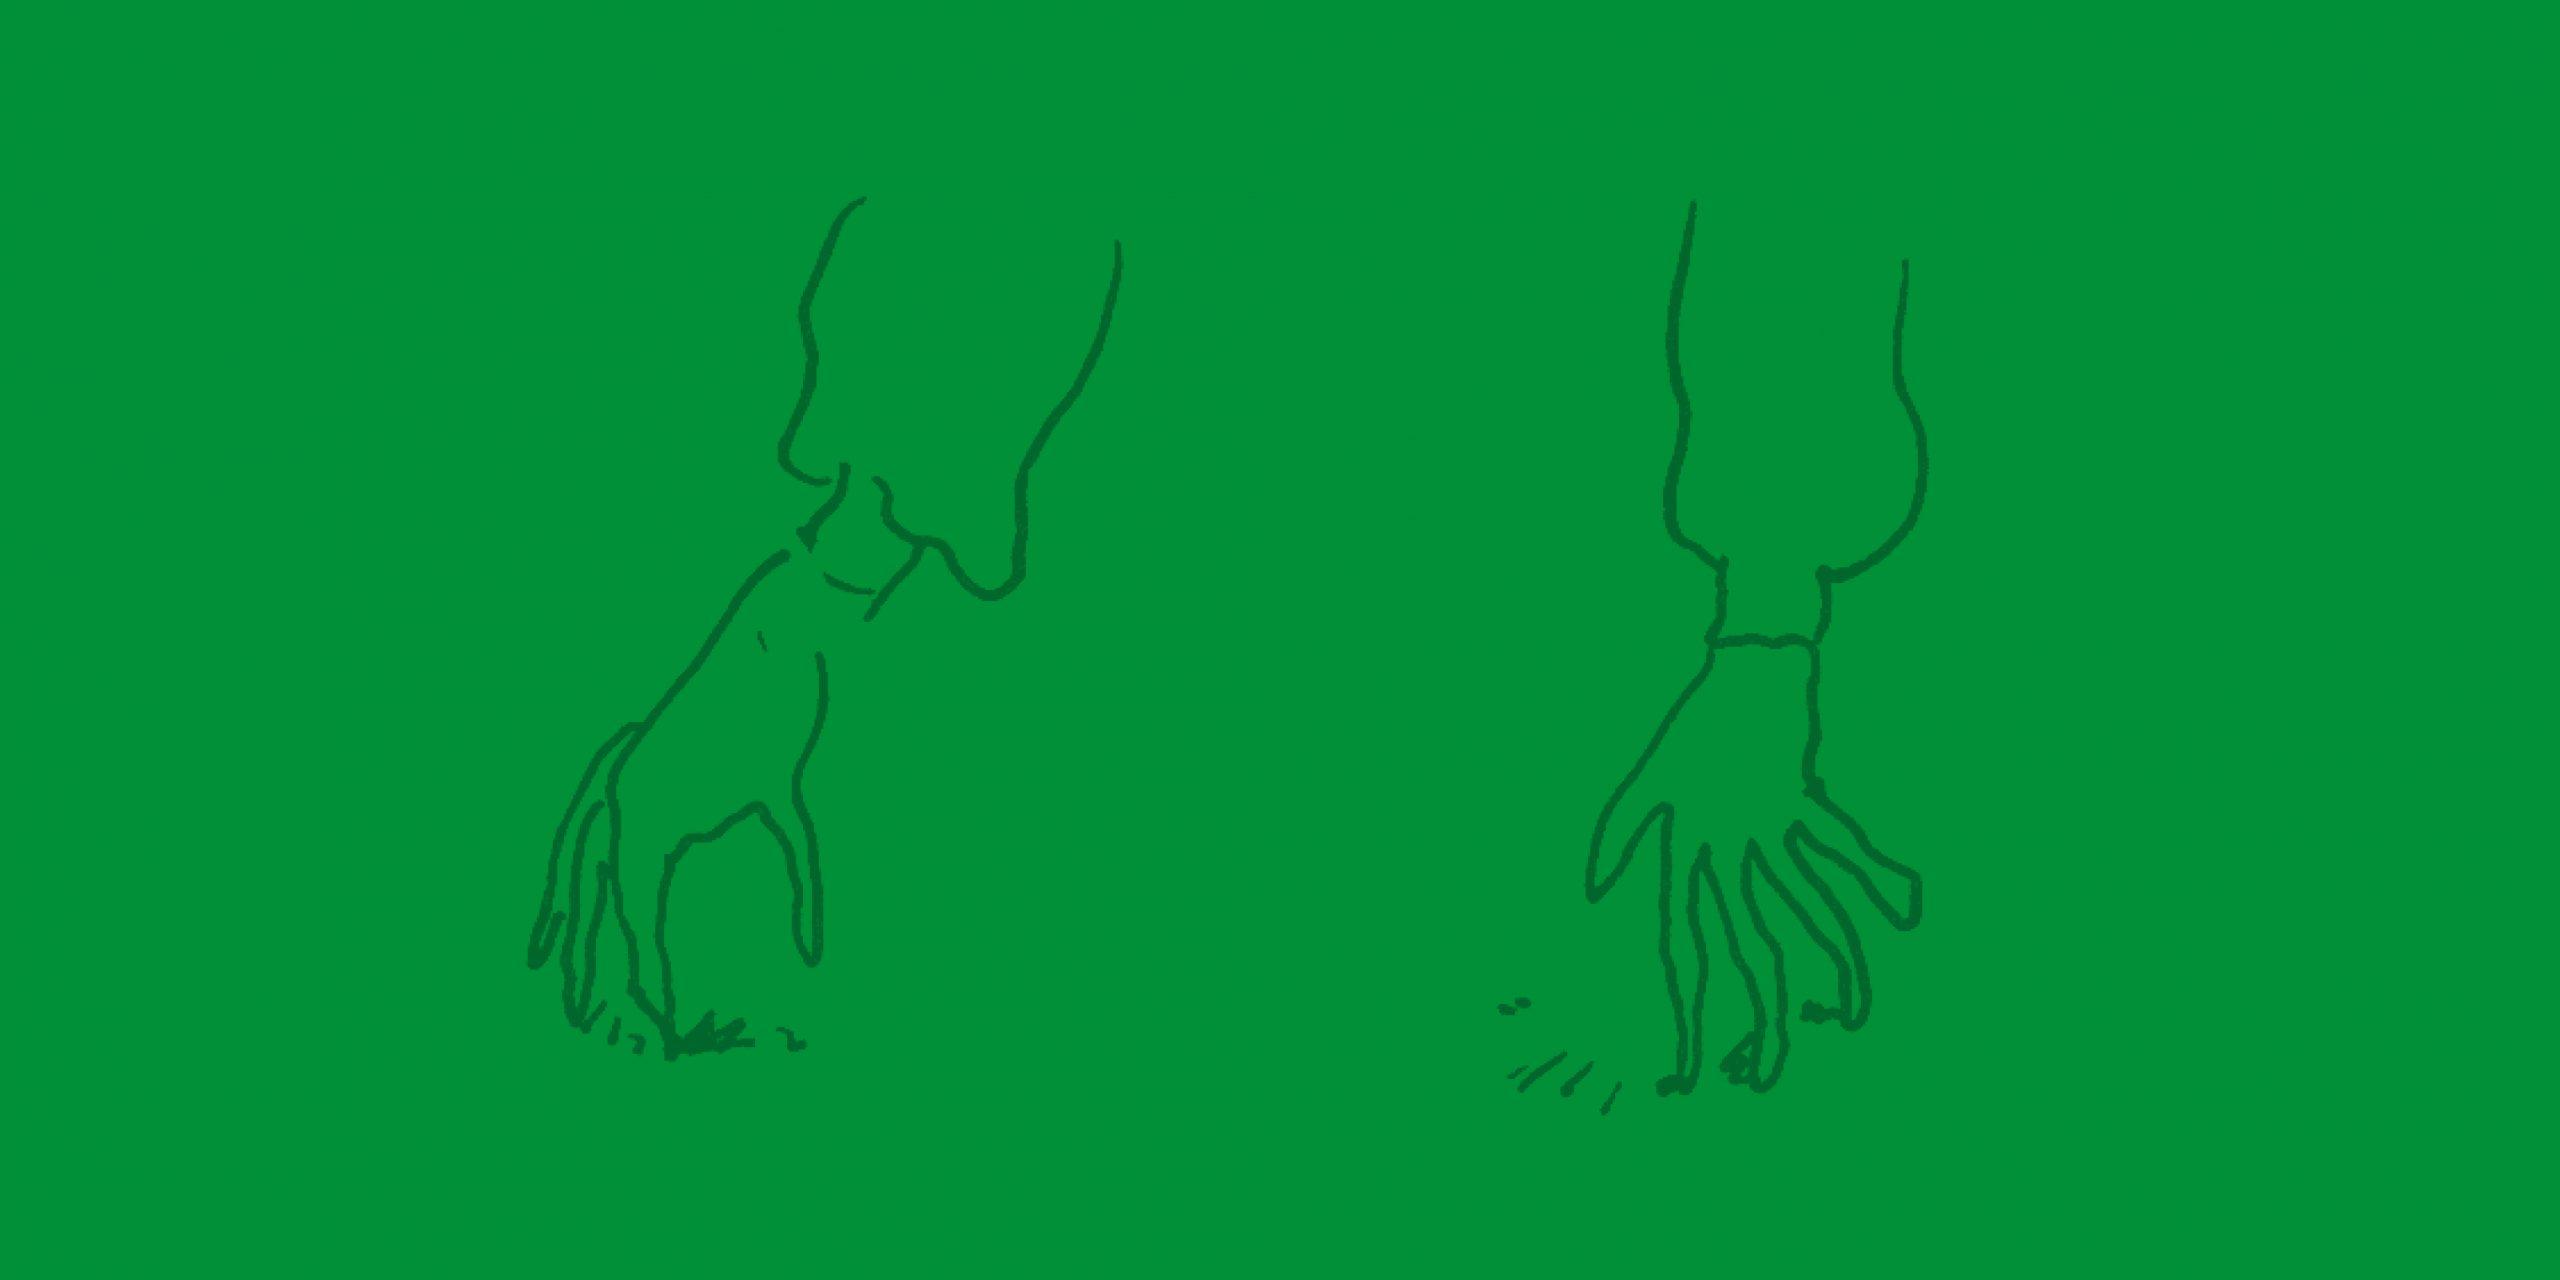 dessin de mains par Clément de Gaulejac